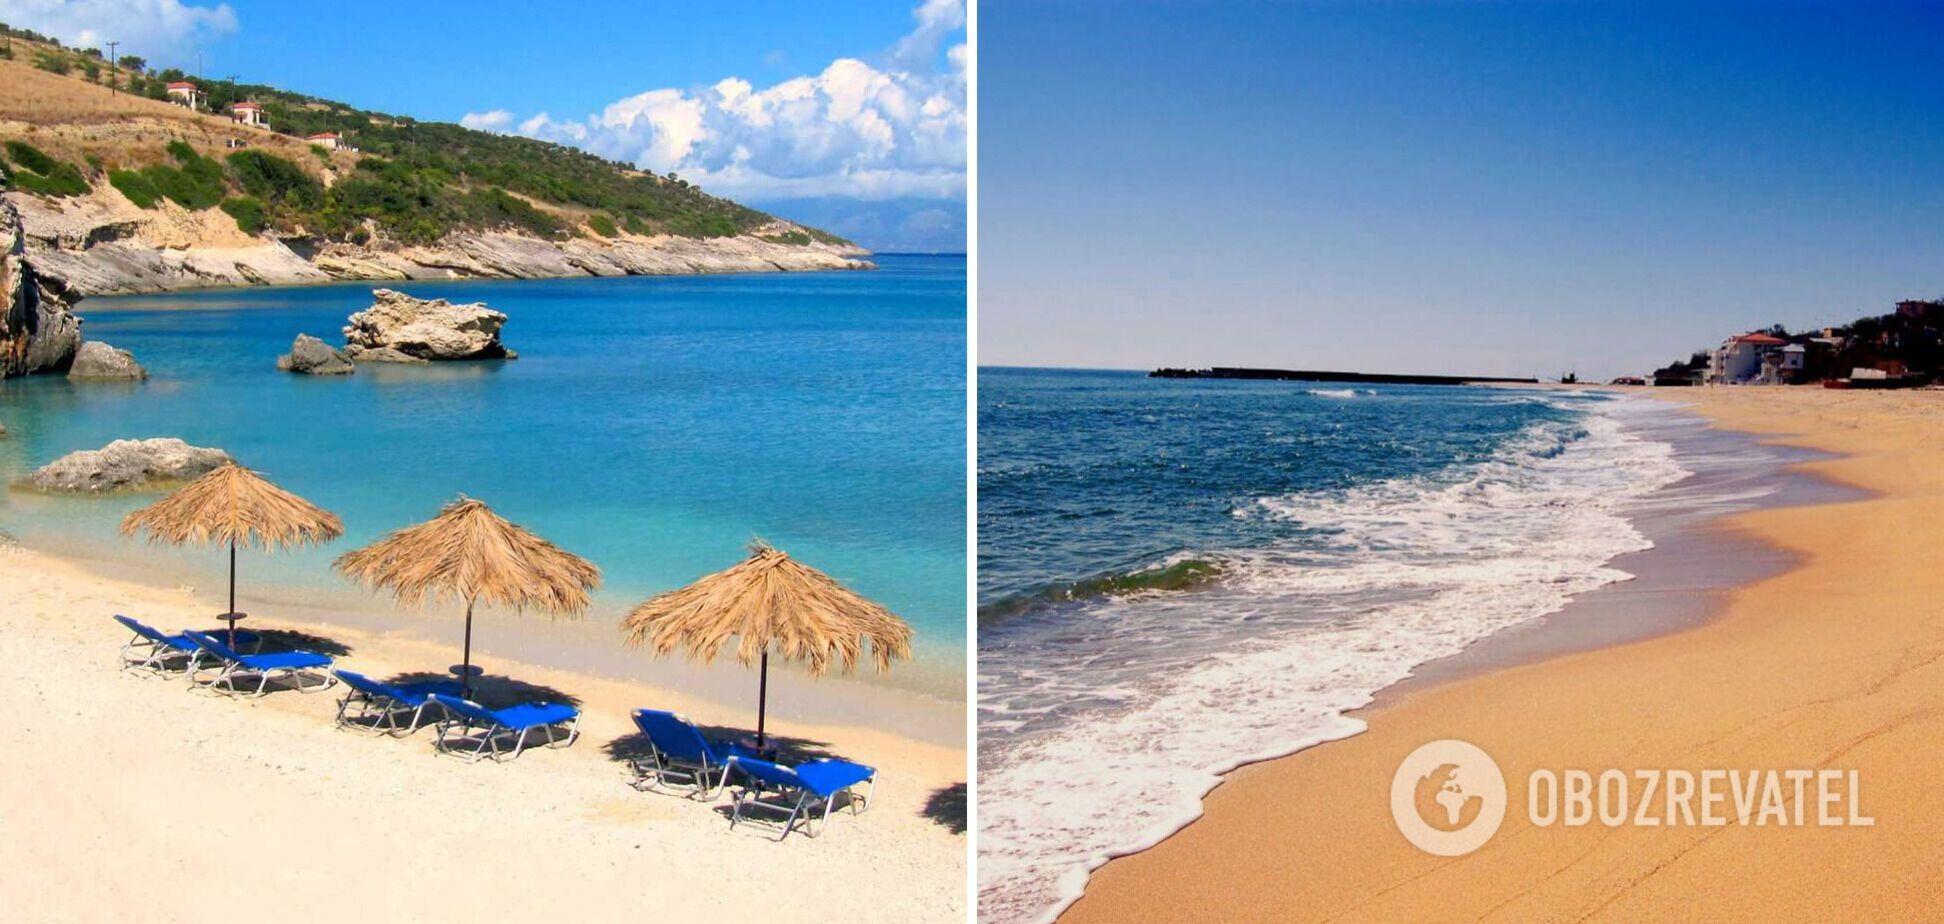 Курорты Болгарии удивили туристов низкими ценами: от 7 тыс. гривен за неделю